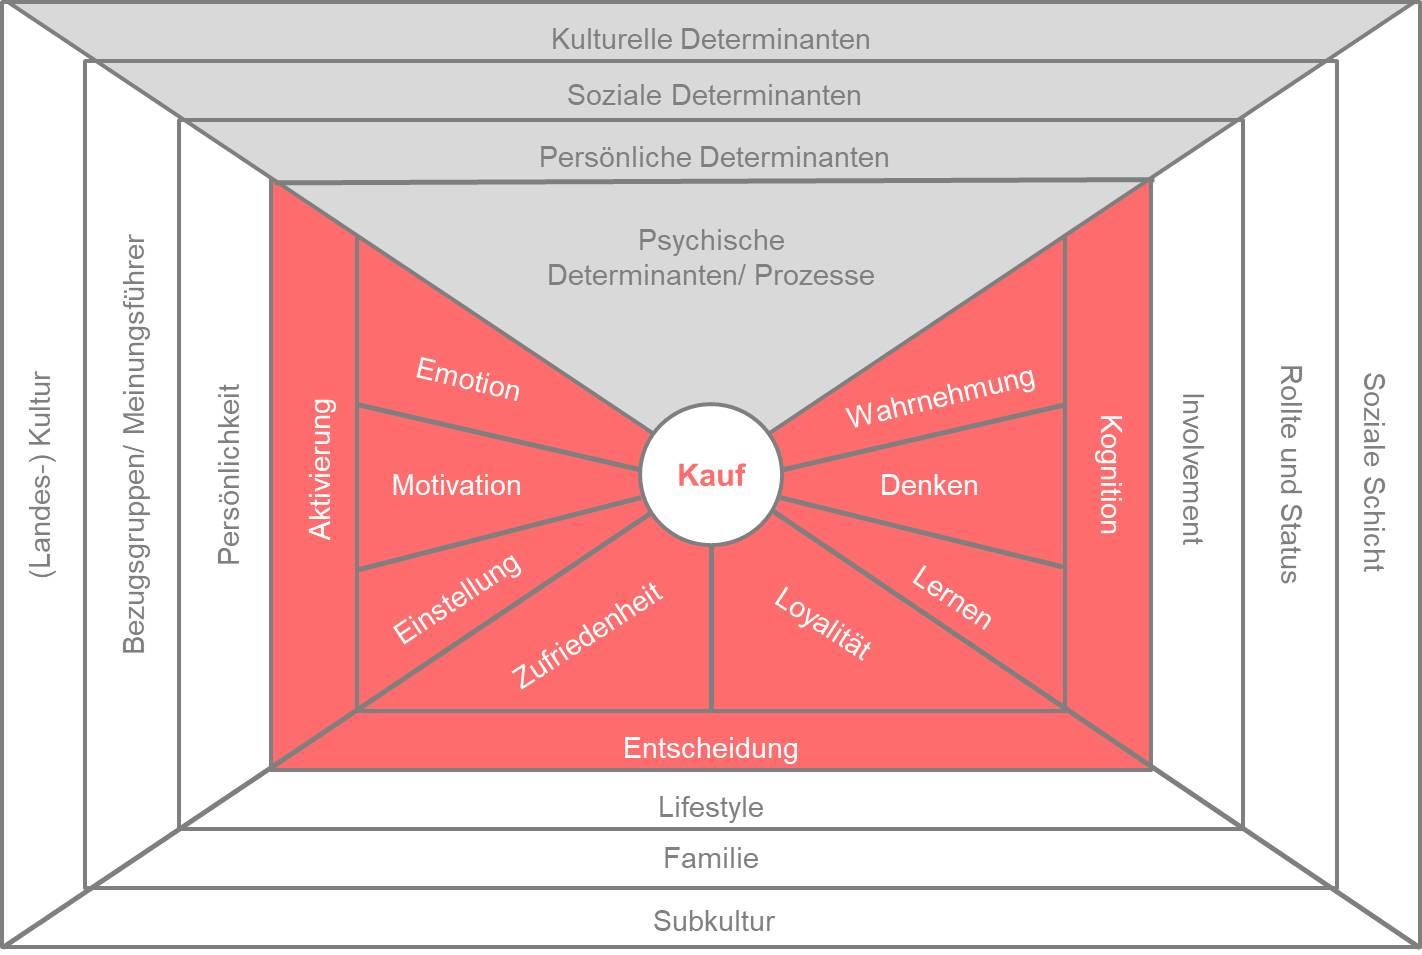 Schalenmodell des Konsumentenverhaltens